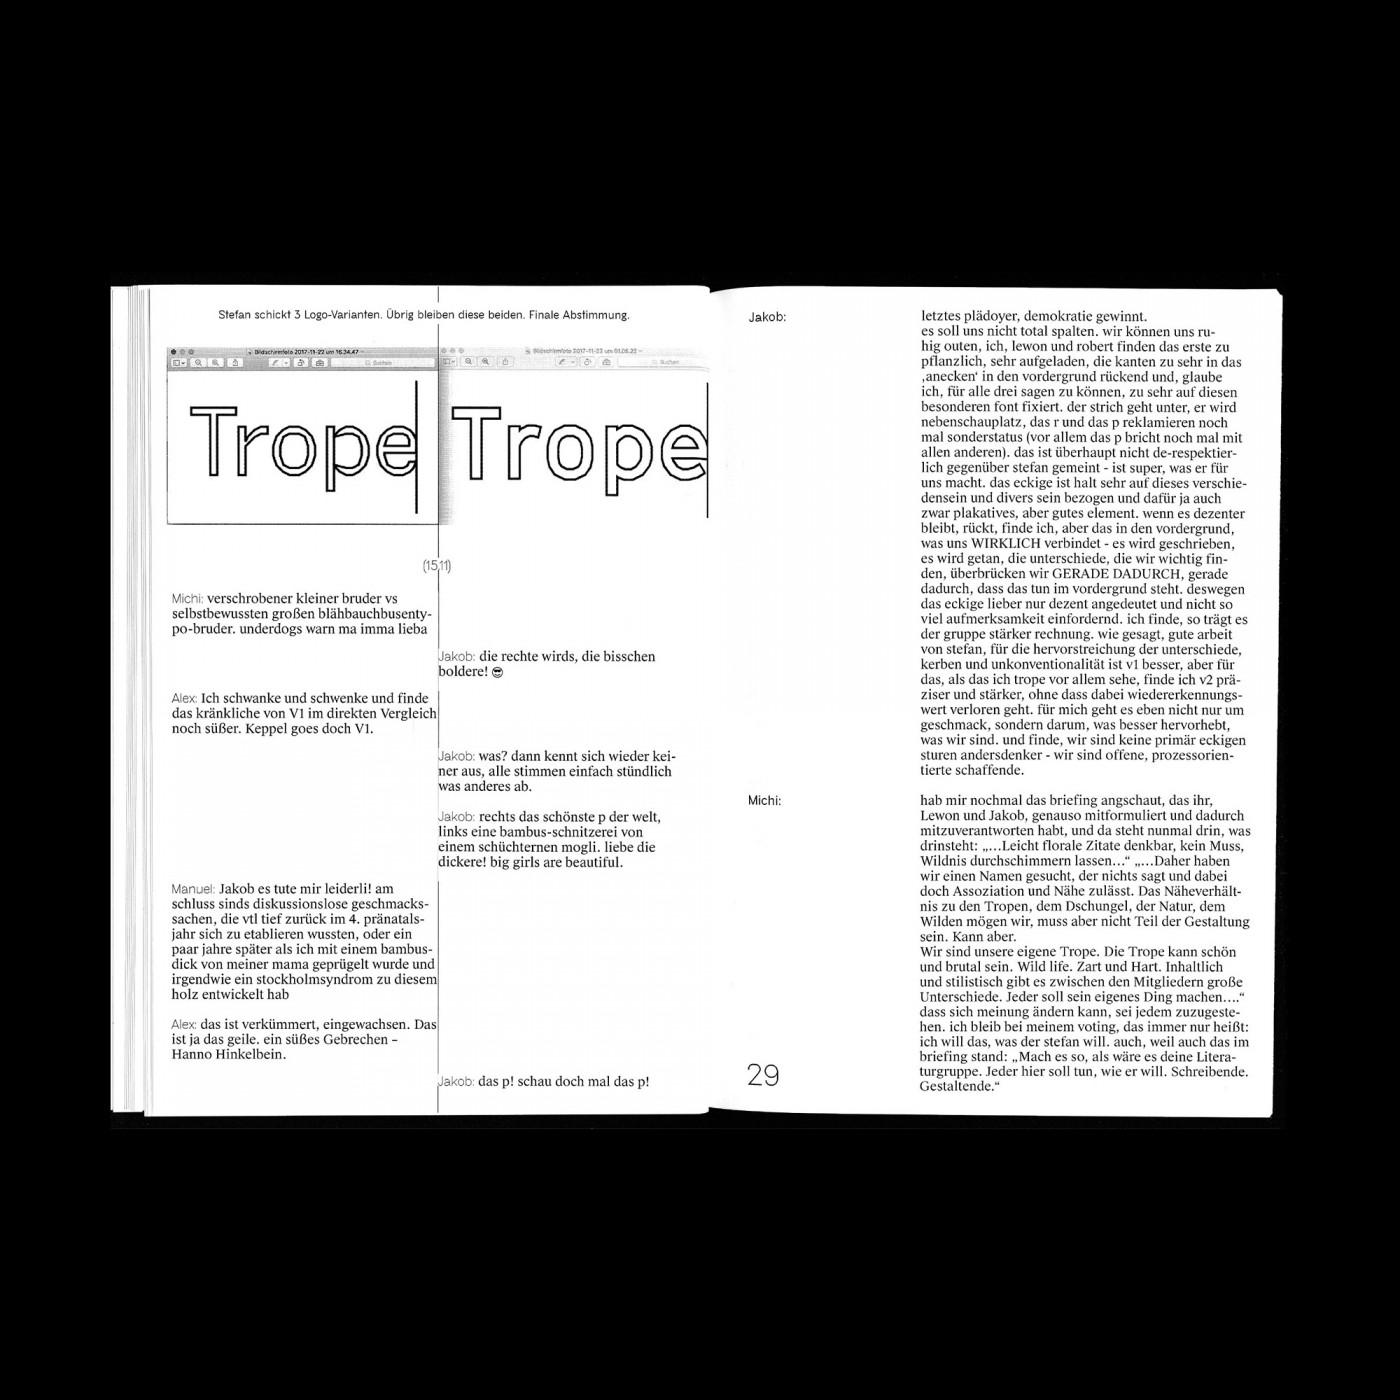 Trope-digichecksadness-6